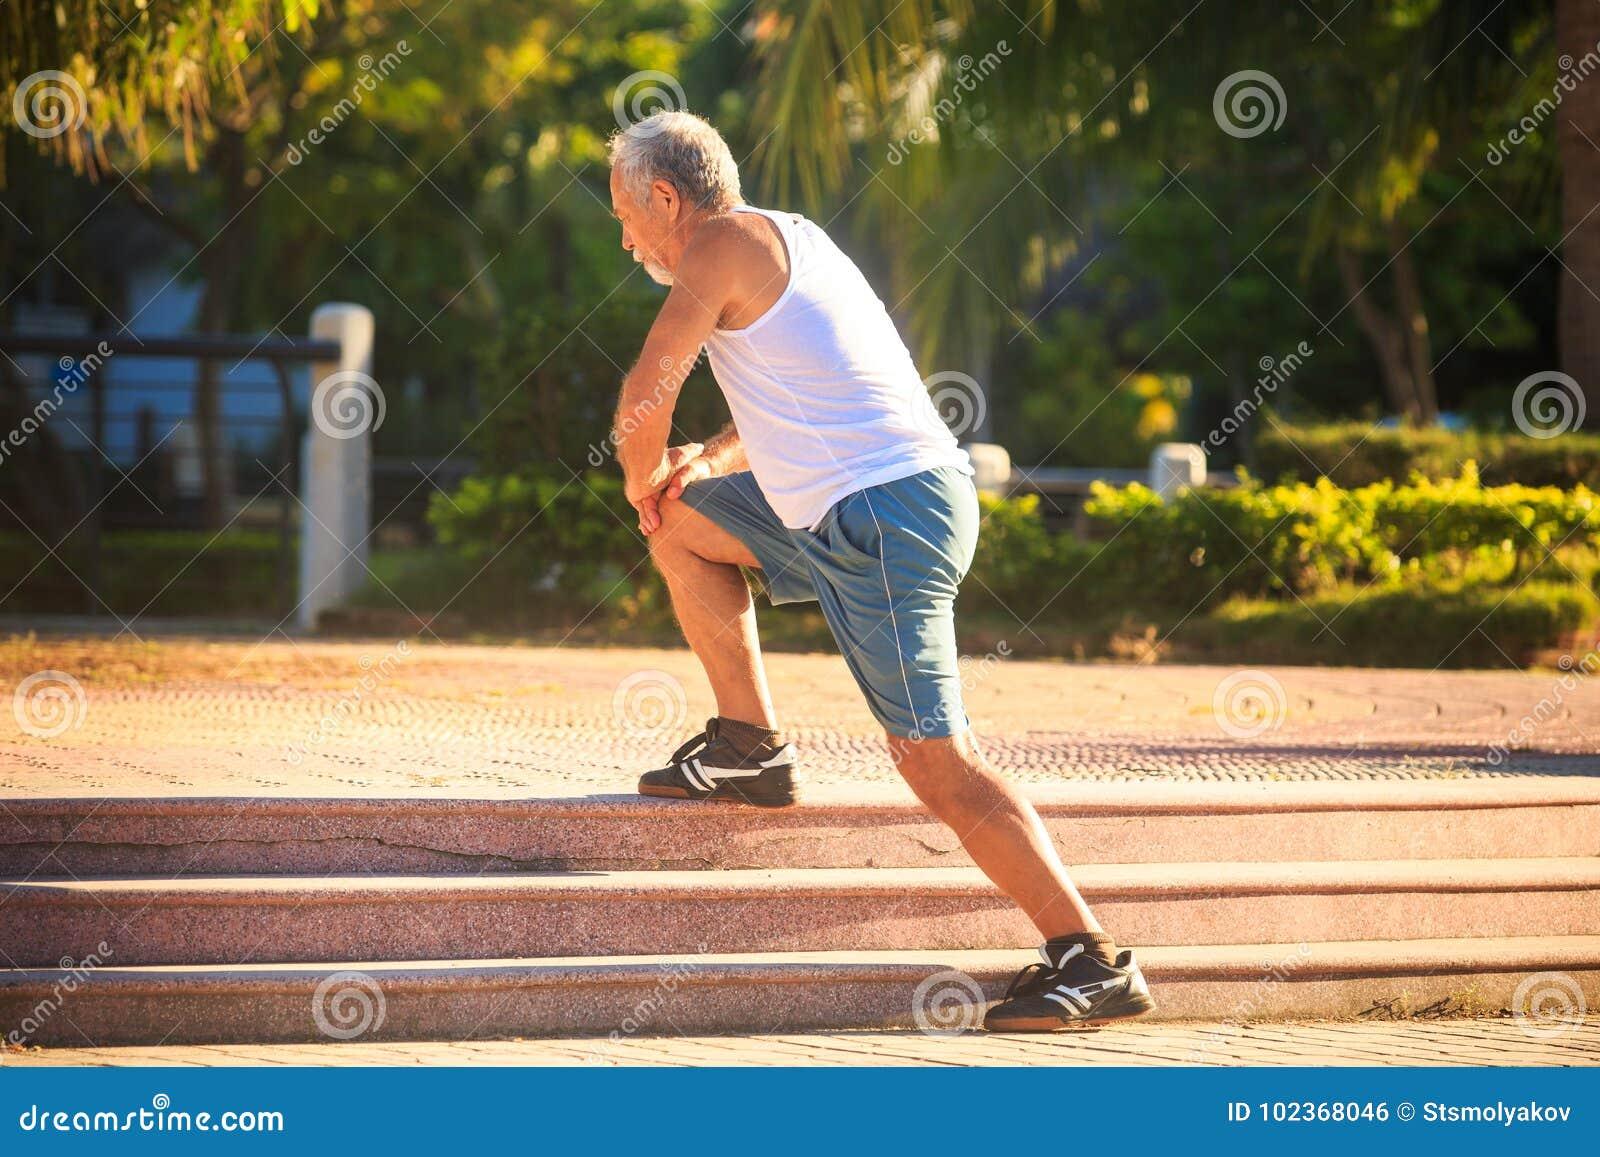 Το άτομο κάνει τις στάσεις οκλαδόν ασκήσεων πρωινού στο γόνατο στα πέτρινα βήματα